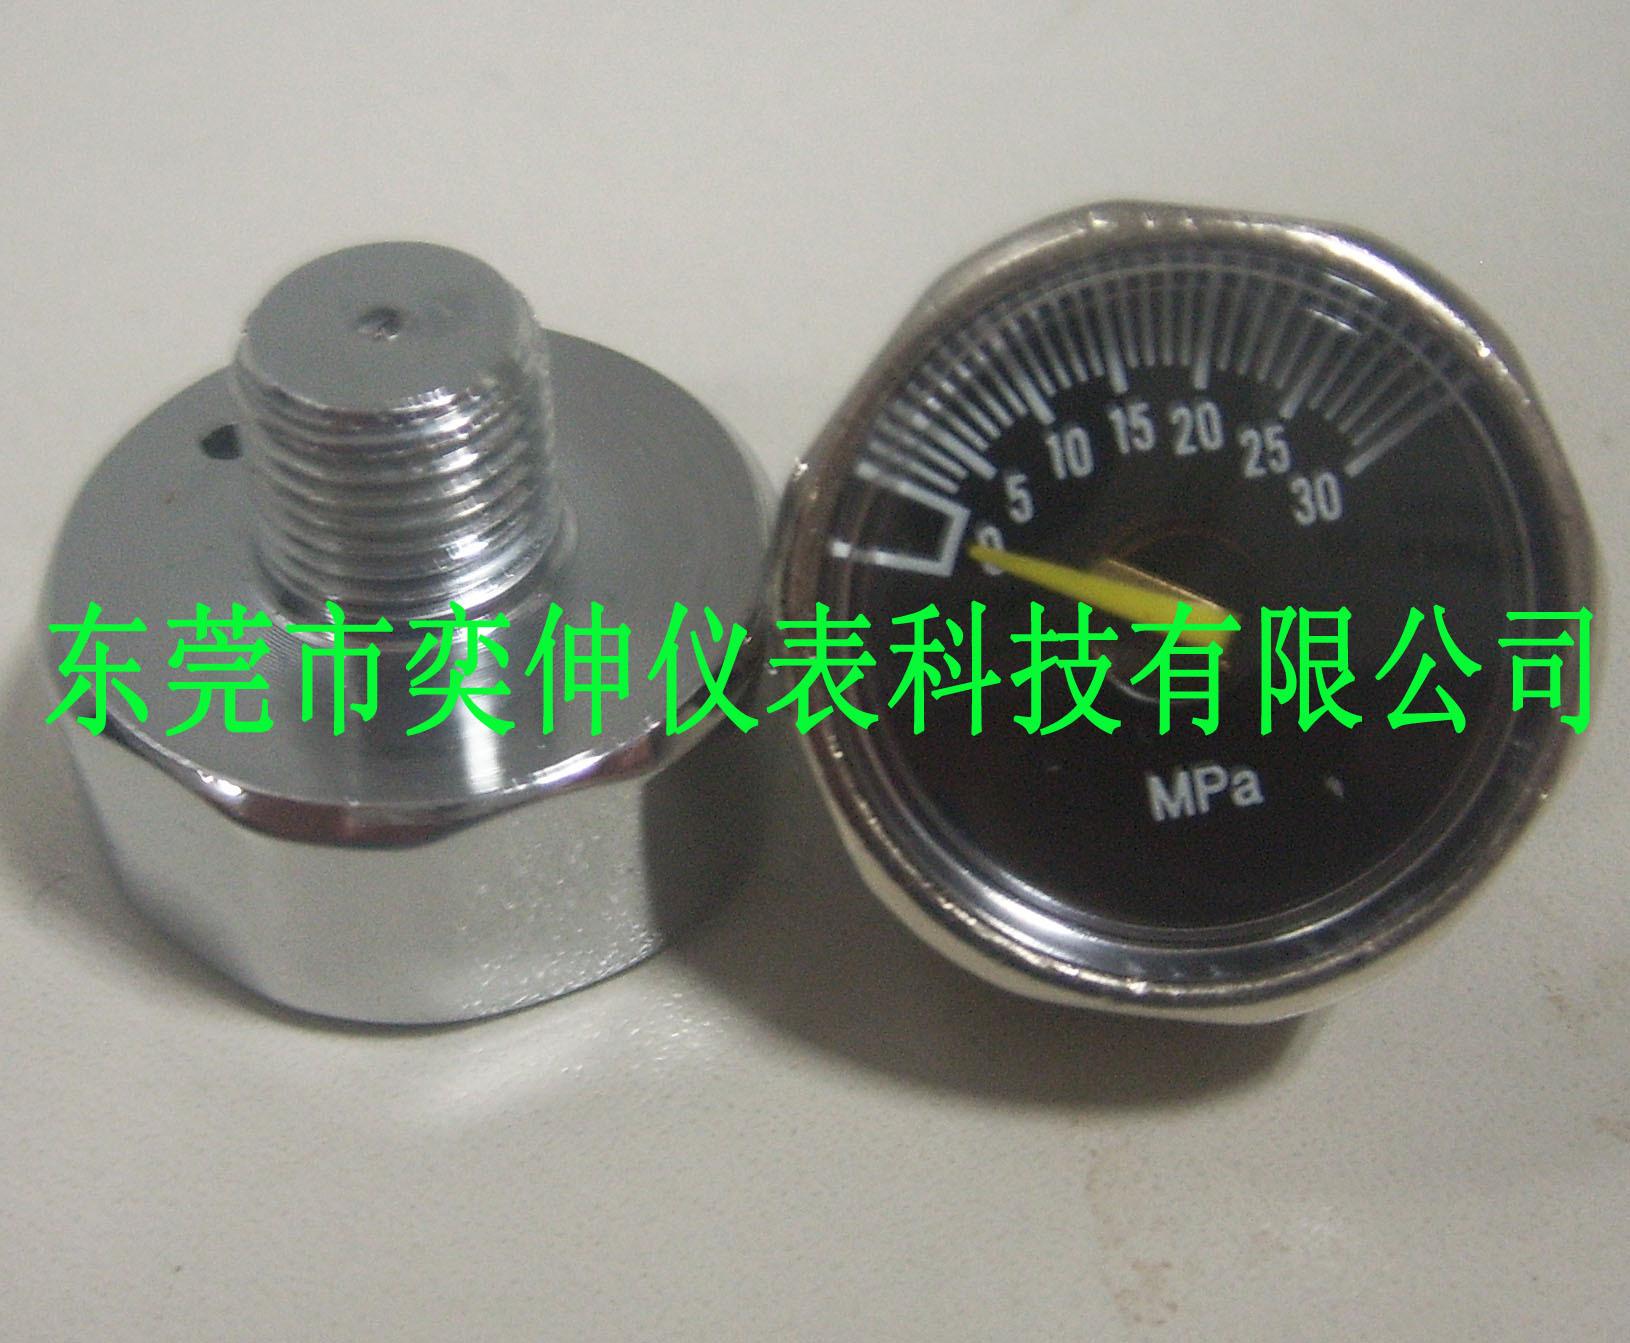 SB-10Mpa手动试压泵 高铁箱 水管打压泵 管道测试 水压机 100kg